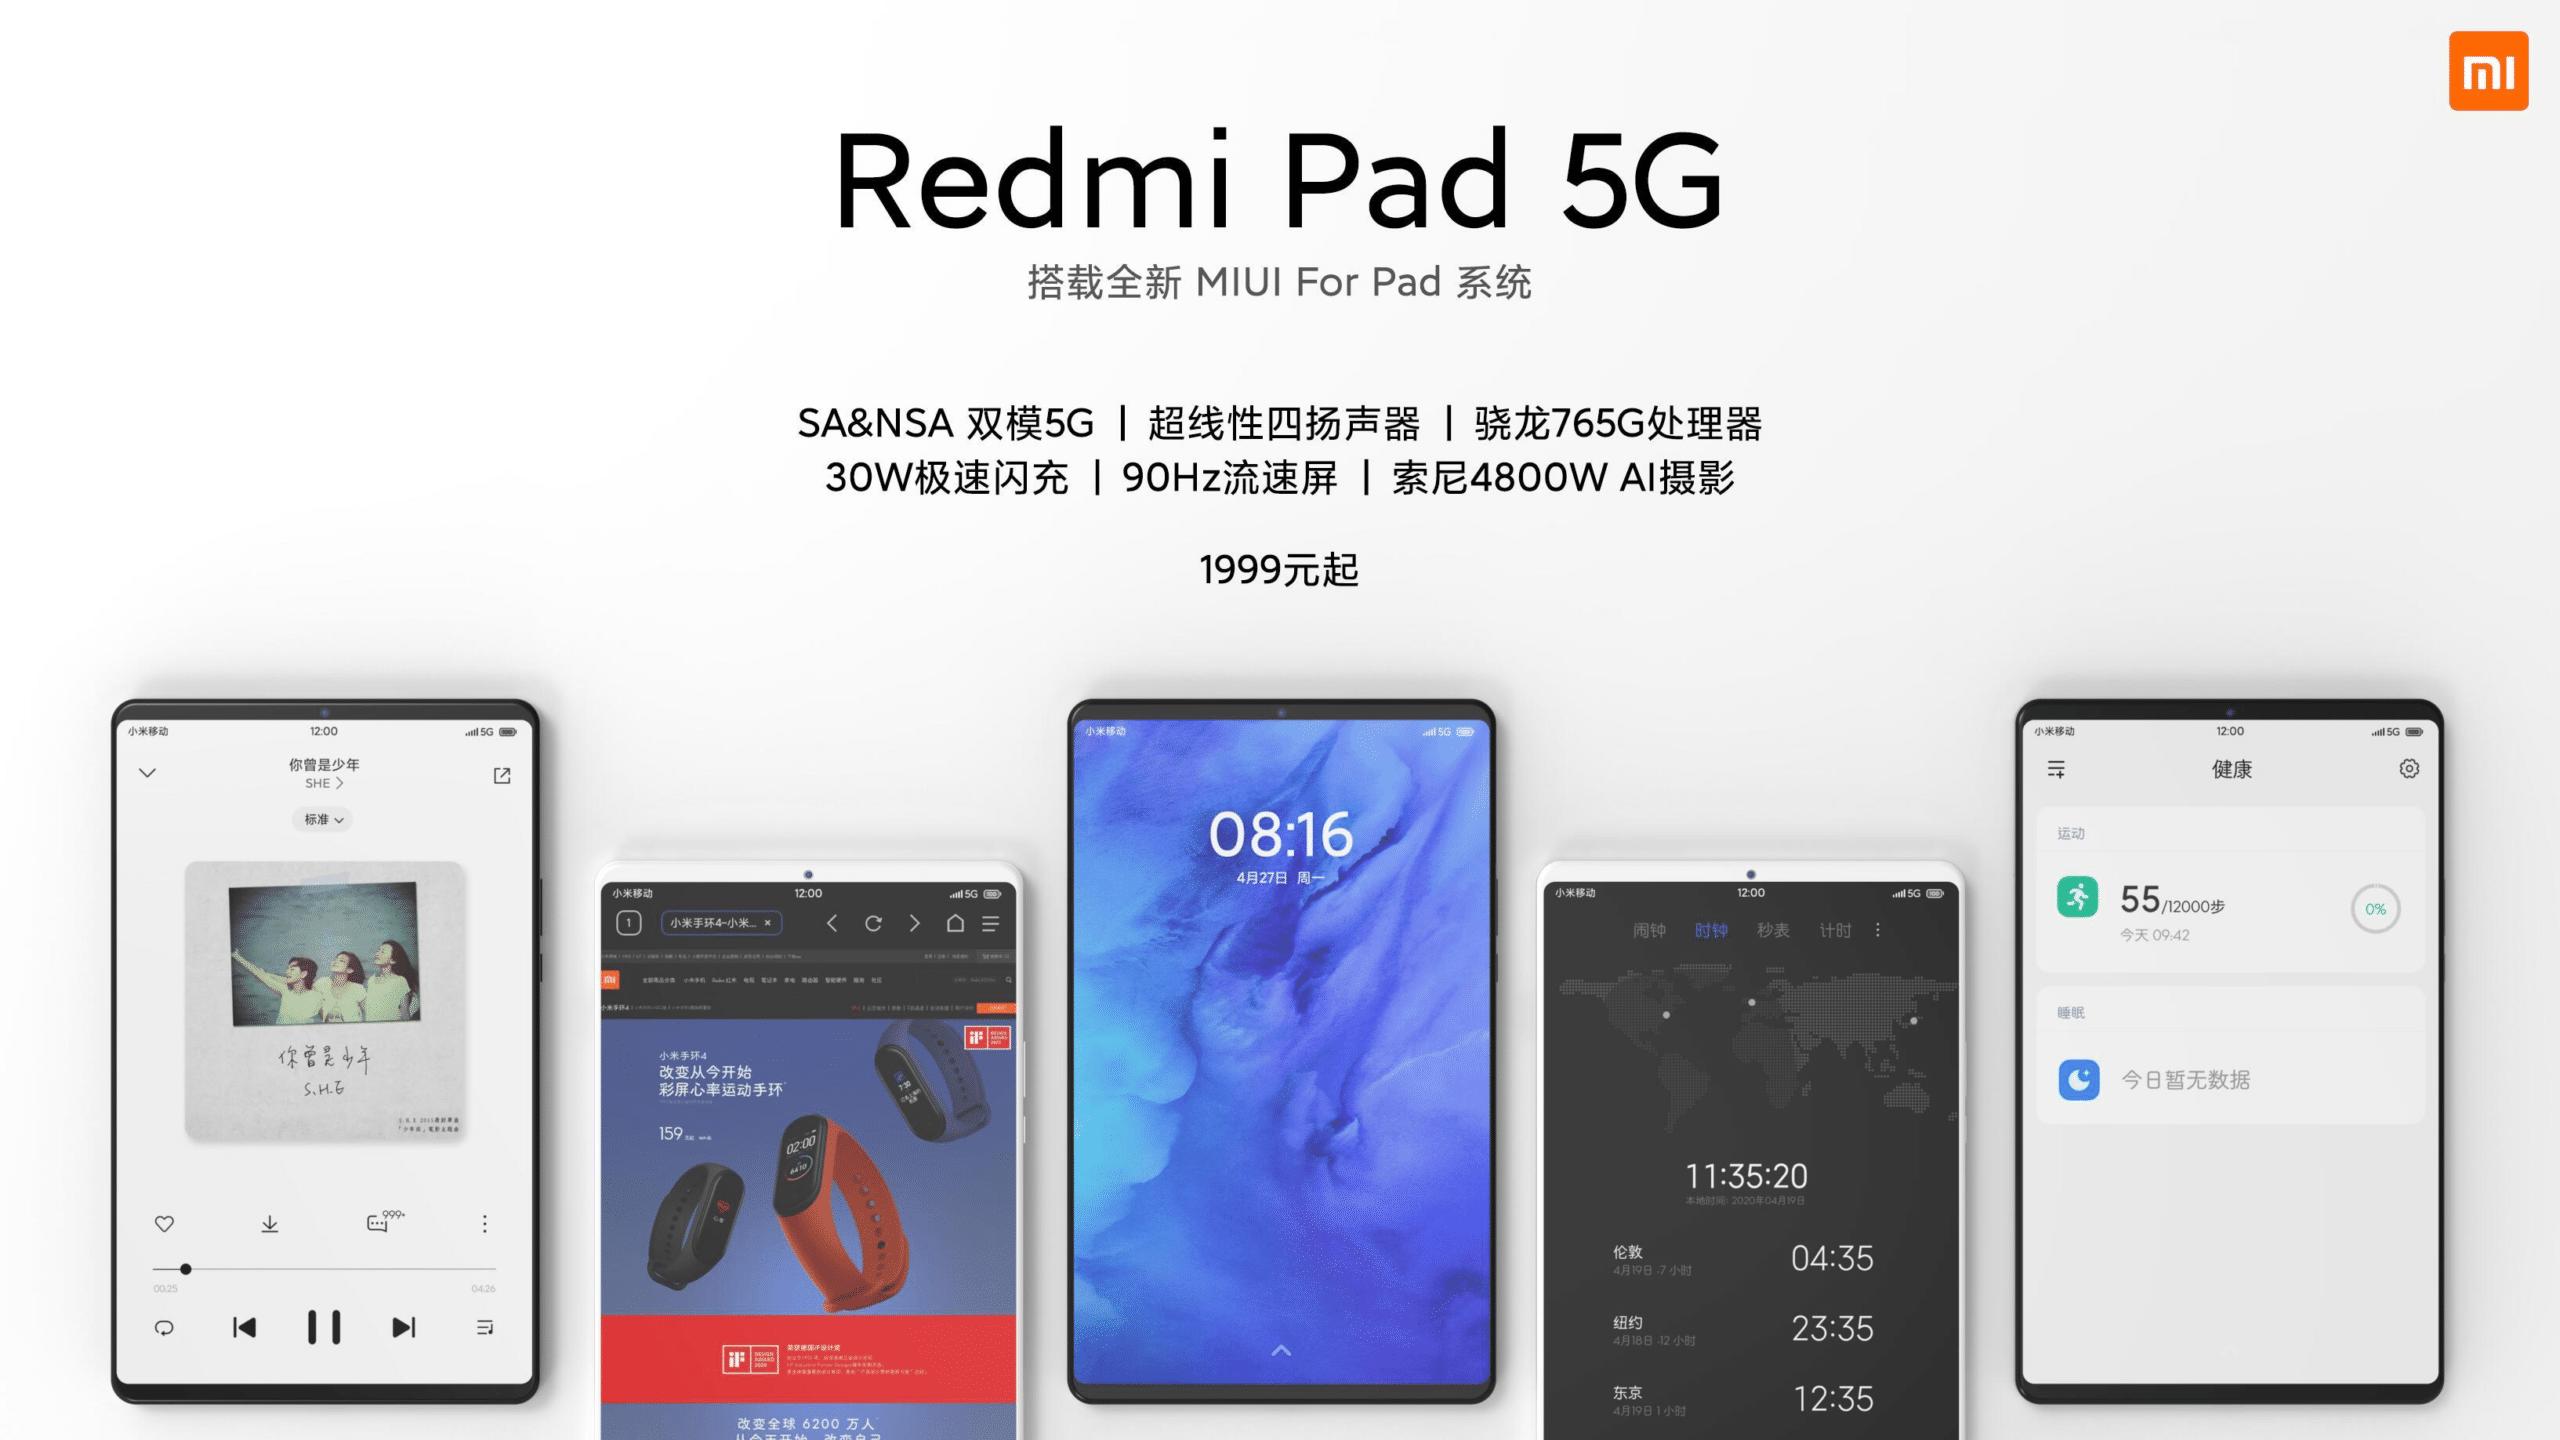 Especificaciones Redmi Pad 5G